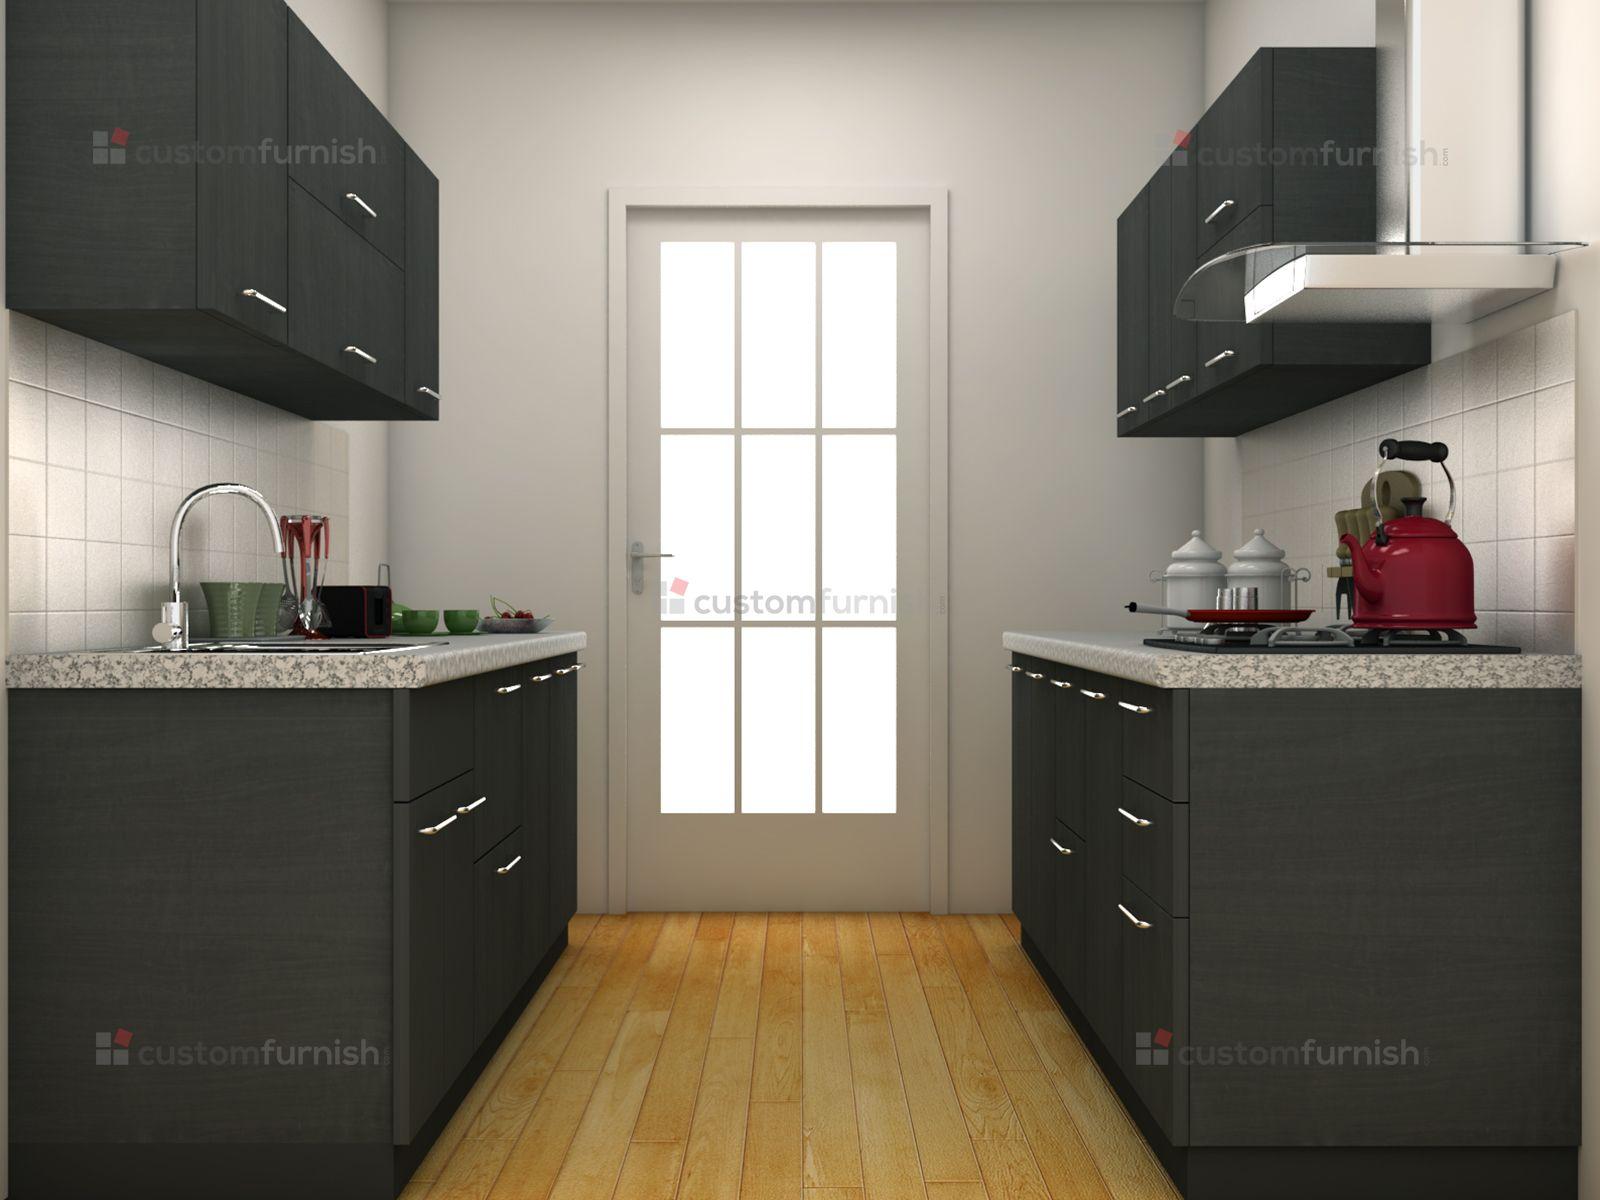 U-förmige küchendesigns wissen sie wie sie erstellen die modularen küche ideen  esszimmer